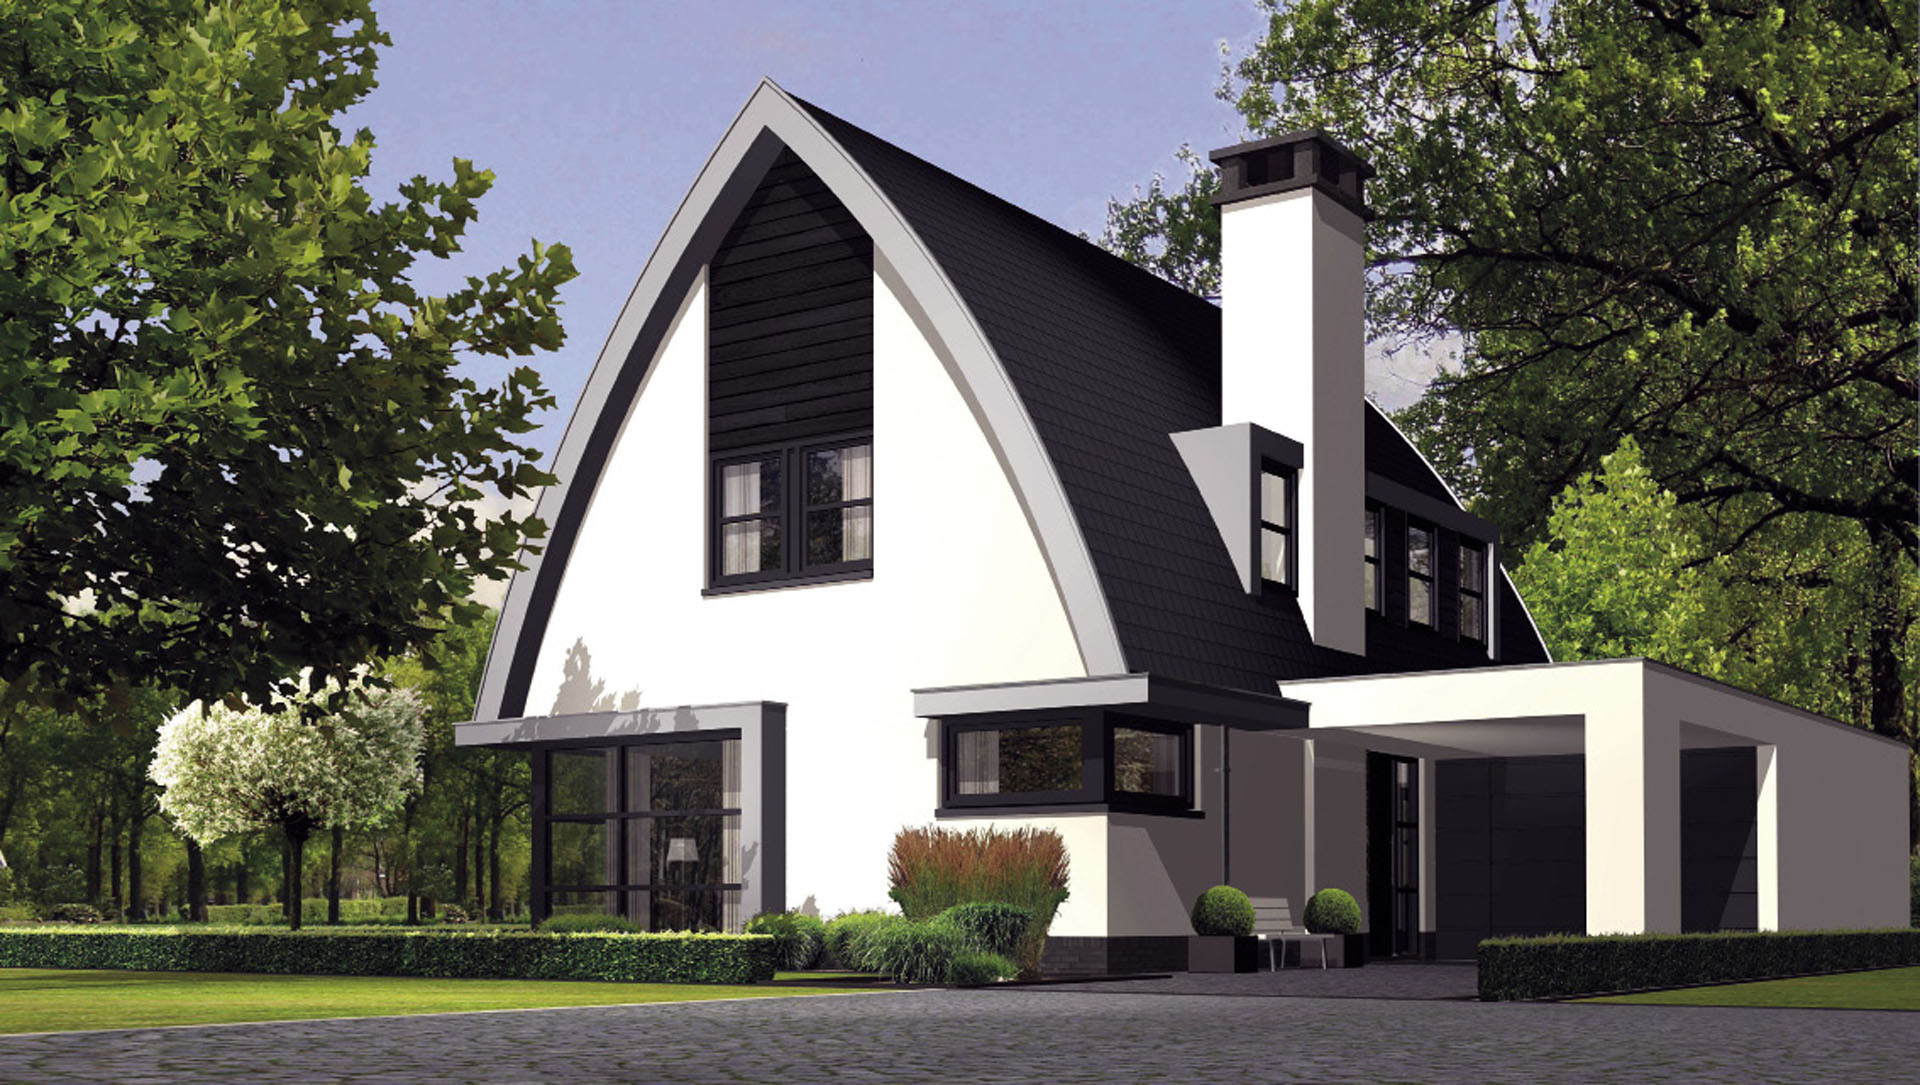 Project Het Duinbos in Soest